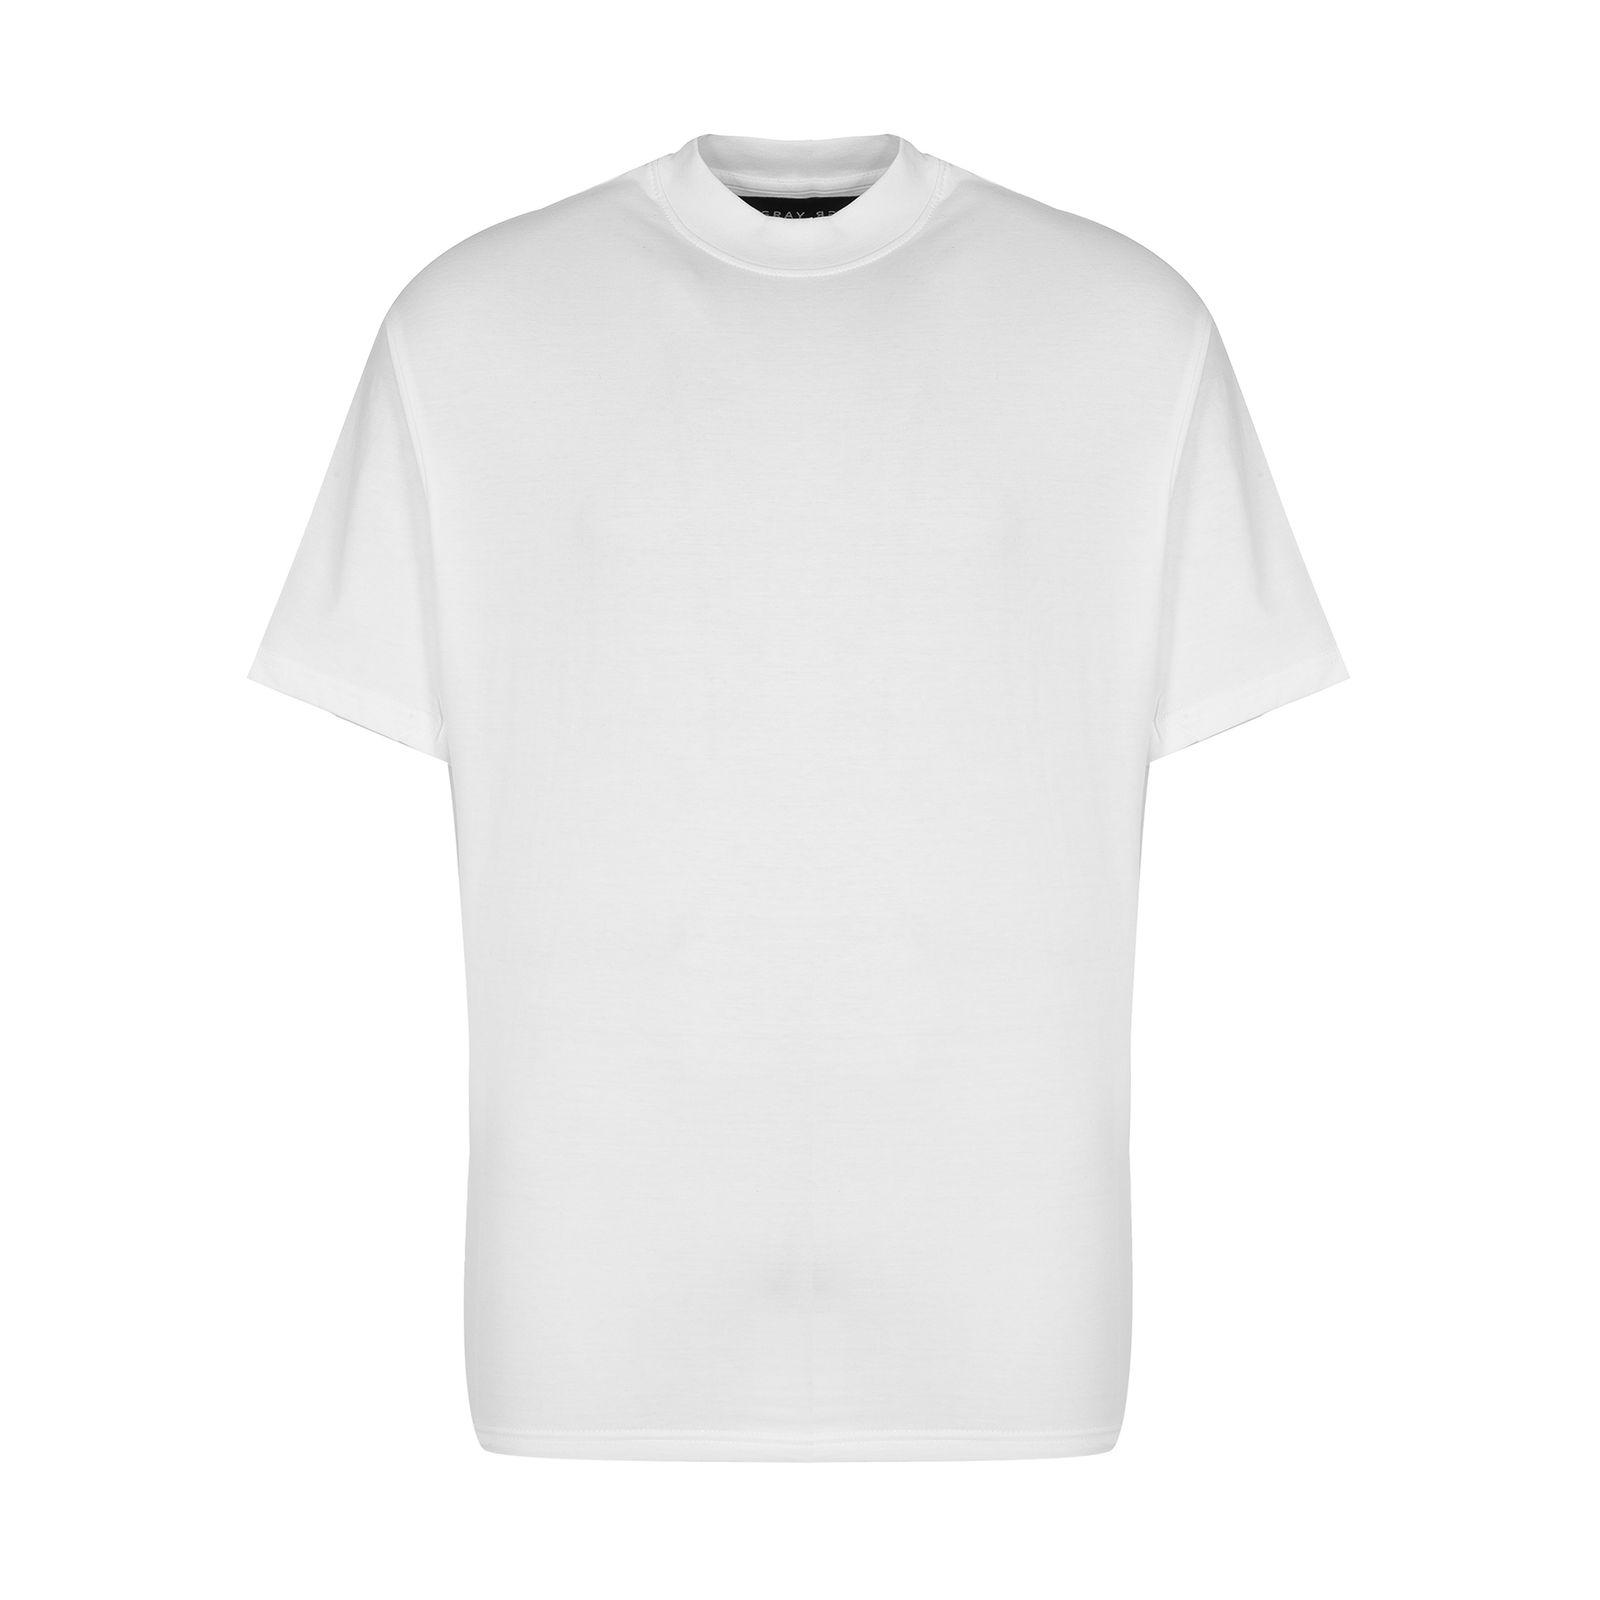 تیشرت آستین کوتاه مردانه گری مدل H20 -  - 2